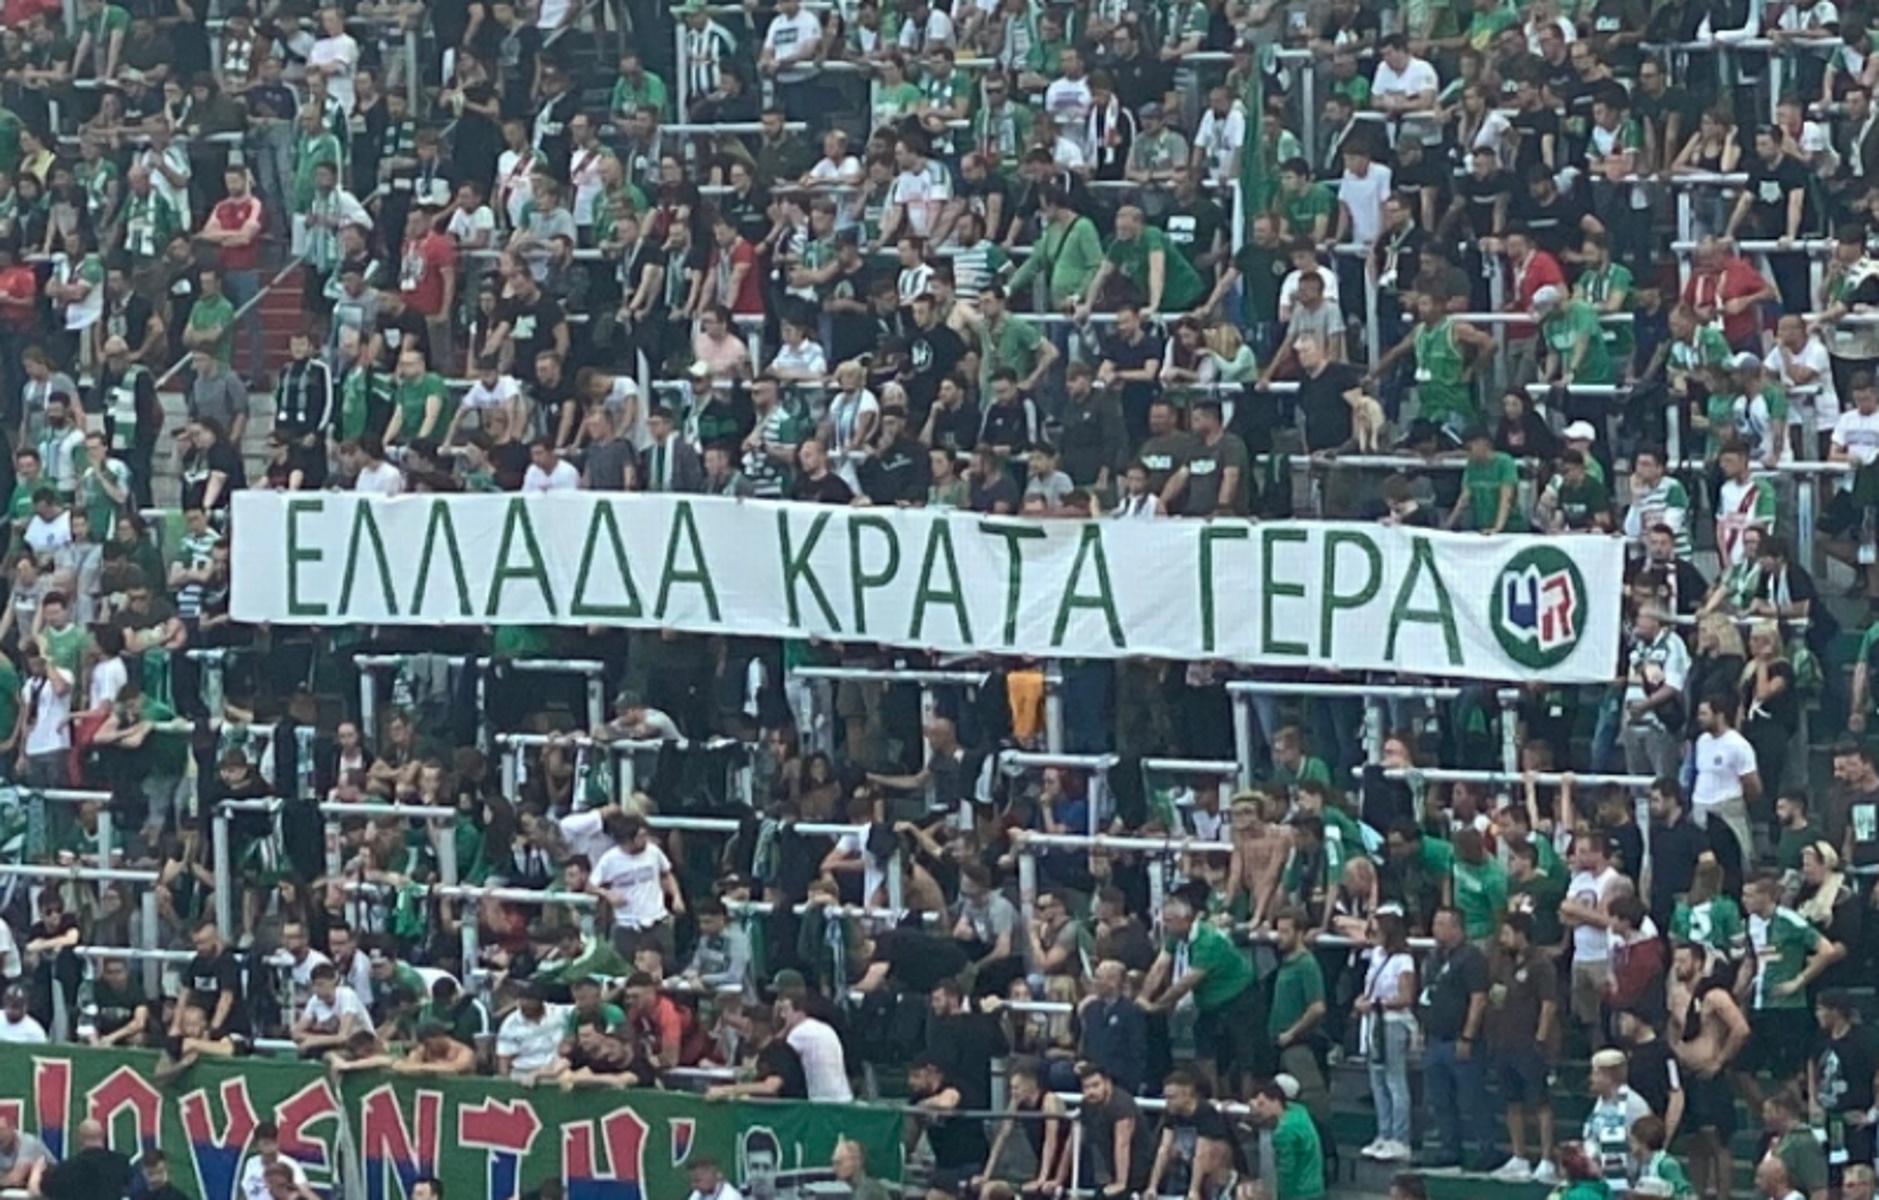 Μήνυμα στήριξης από τους οπαδούς της Ραπίντ Βιέννης: «Ελλάδα, κράτα γερά»